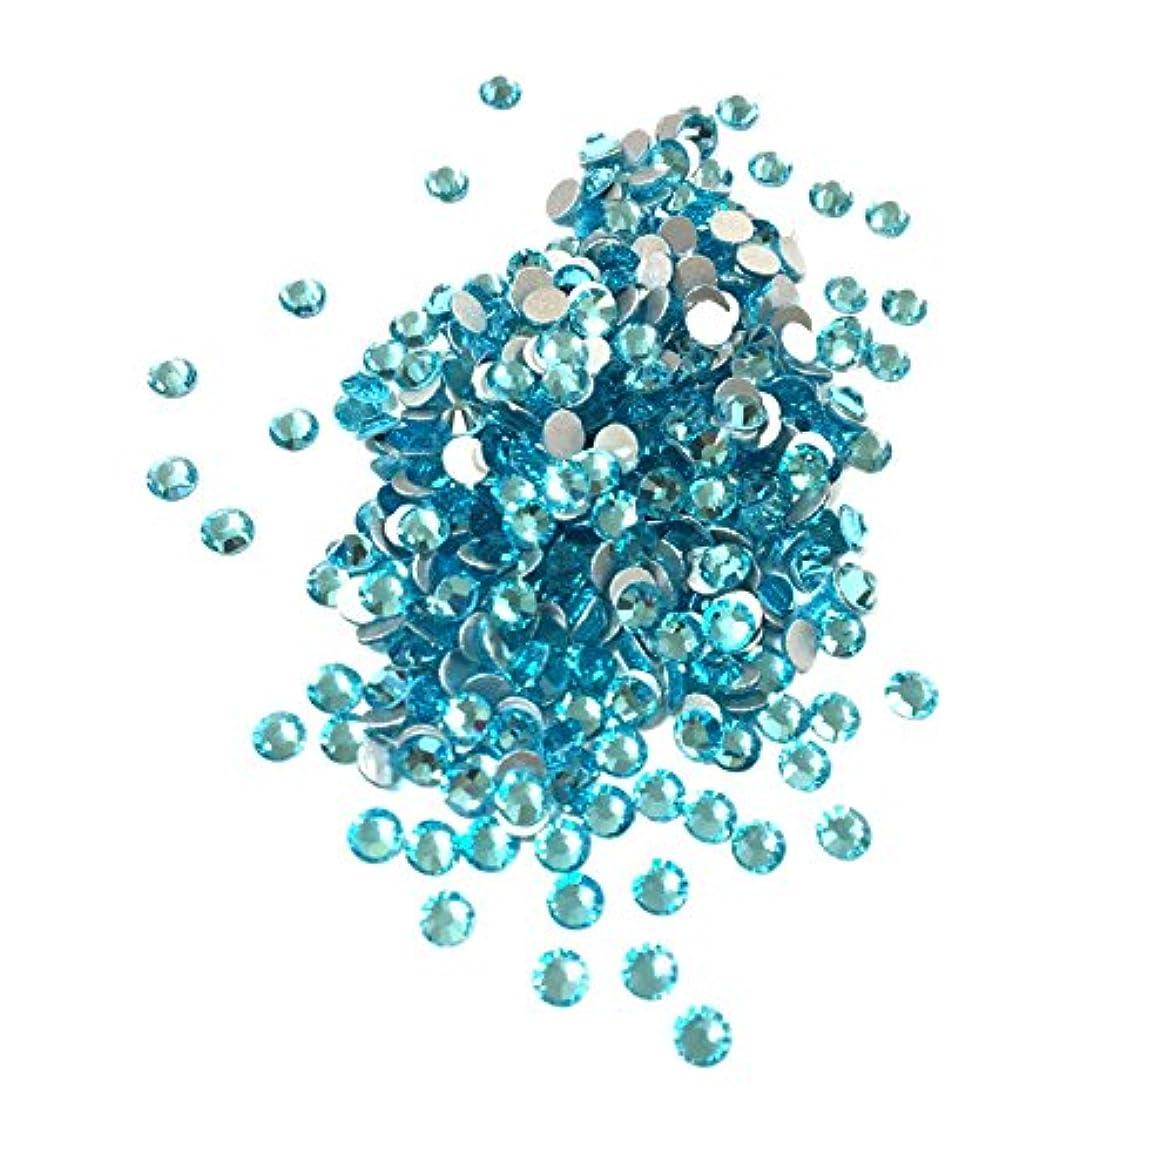 不適イブ収束する【ネイルウーマン】最高品質ガラスストーン!スワロ同等の輝き! アクアマリン 水色 ライトブルー (約100粒入り) (SS3, アクアマリン)